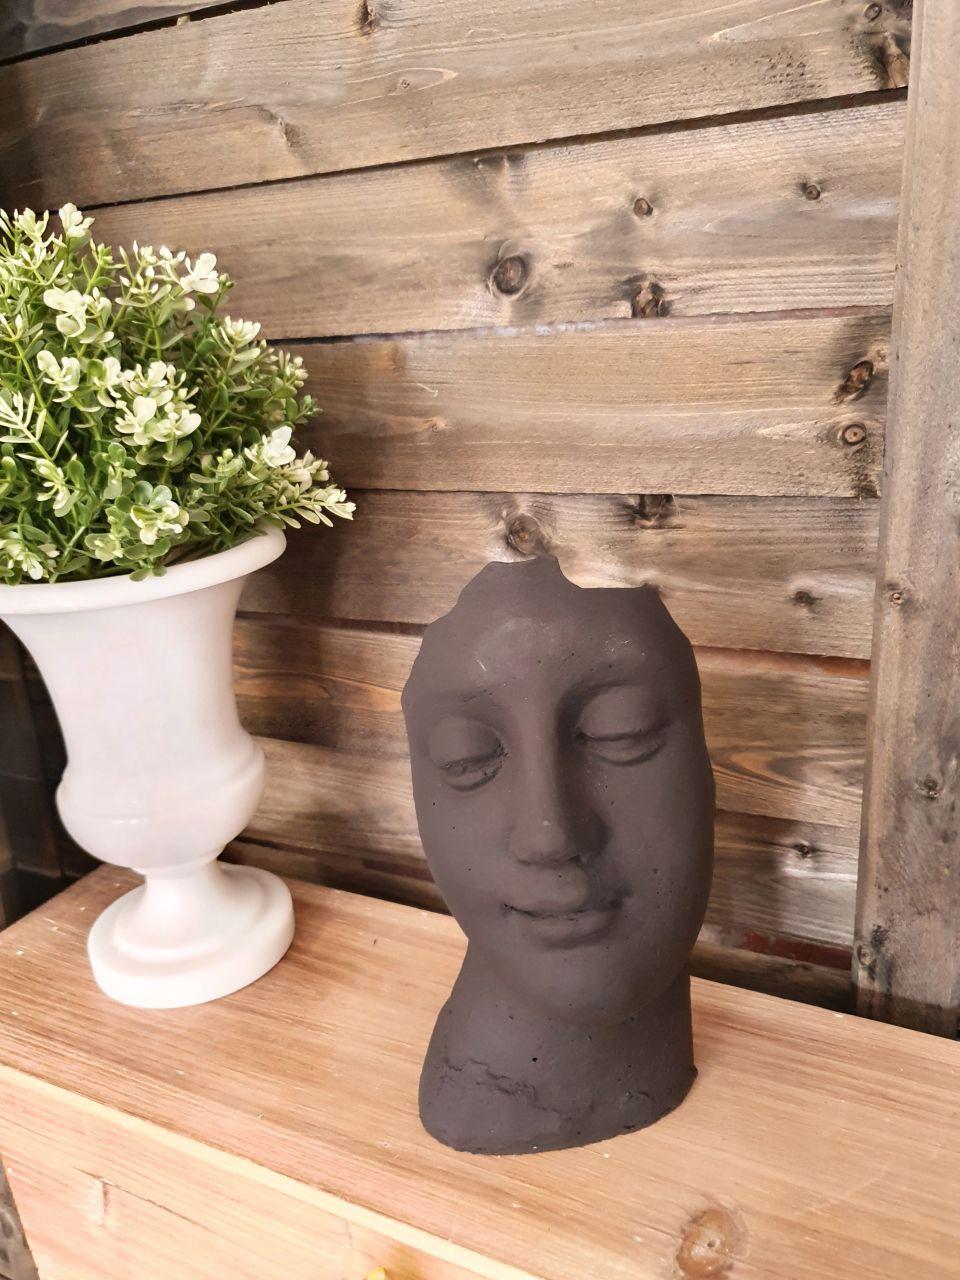 -Gartenfigur Kleines Gesicht- schwarz-